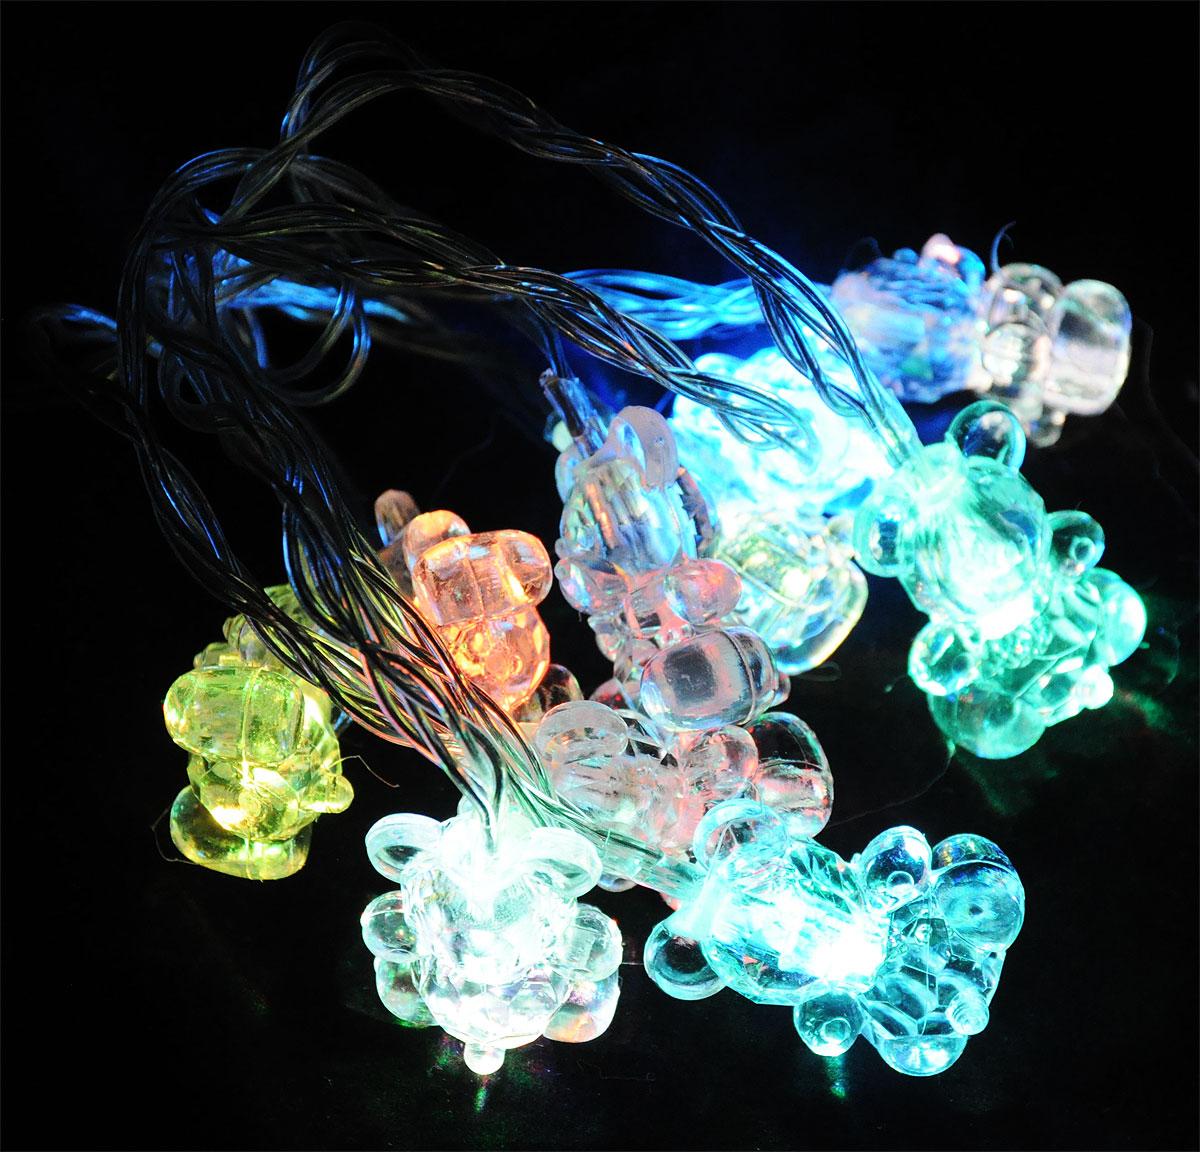 Электрогирлянда B&H Мишки, 10 RGB светодиодов, 1,35 мBH0423_мишкиЭлектрогирлянда B&H Мишки предназначена для декоративного внутреннего освещения. Изделие представляет собой гибкий провод, на котором расположено 10 RGB (меняющих цвет) светодиодов с декоративными насадками в форме мишек. Питание от батареек позволяет использовать гирлянду автономно. Создайте в своем доме атмосферу веселья и радости, украшая новогоднюю елку яркими светодиодными гирляндами. Расстояние между светодиодами: 15 см. Размер лампы: 3,5 х 2,5 х 2 см. Гирлянда работает от 3 батареек типа АА (в комплект не входят).